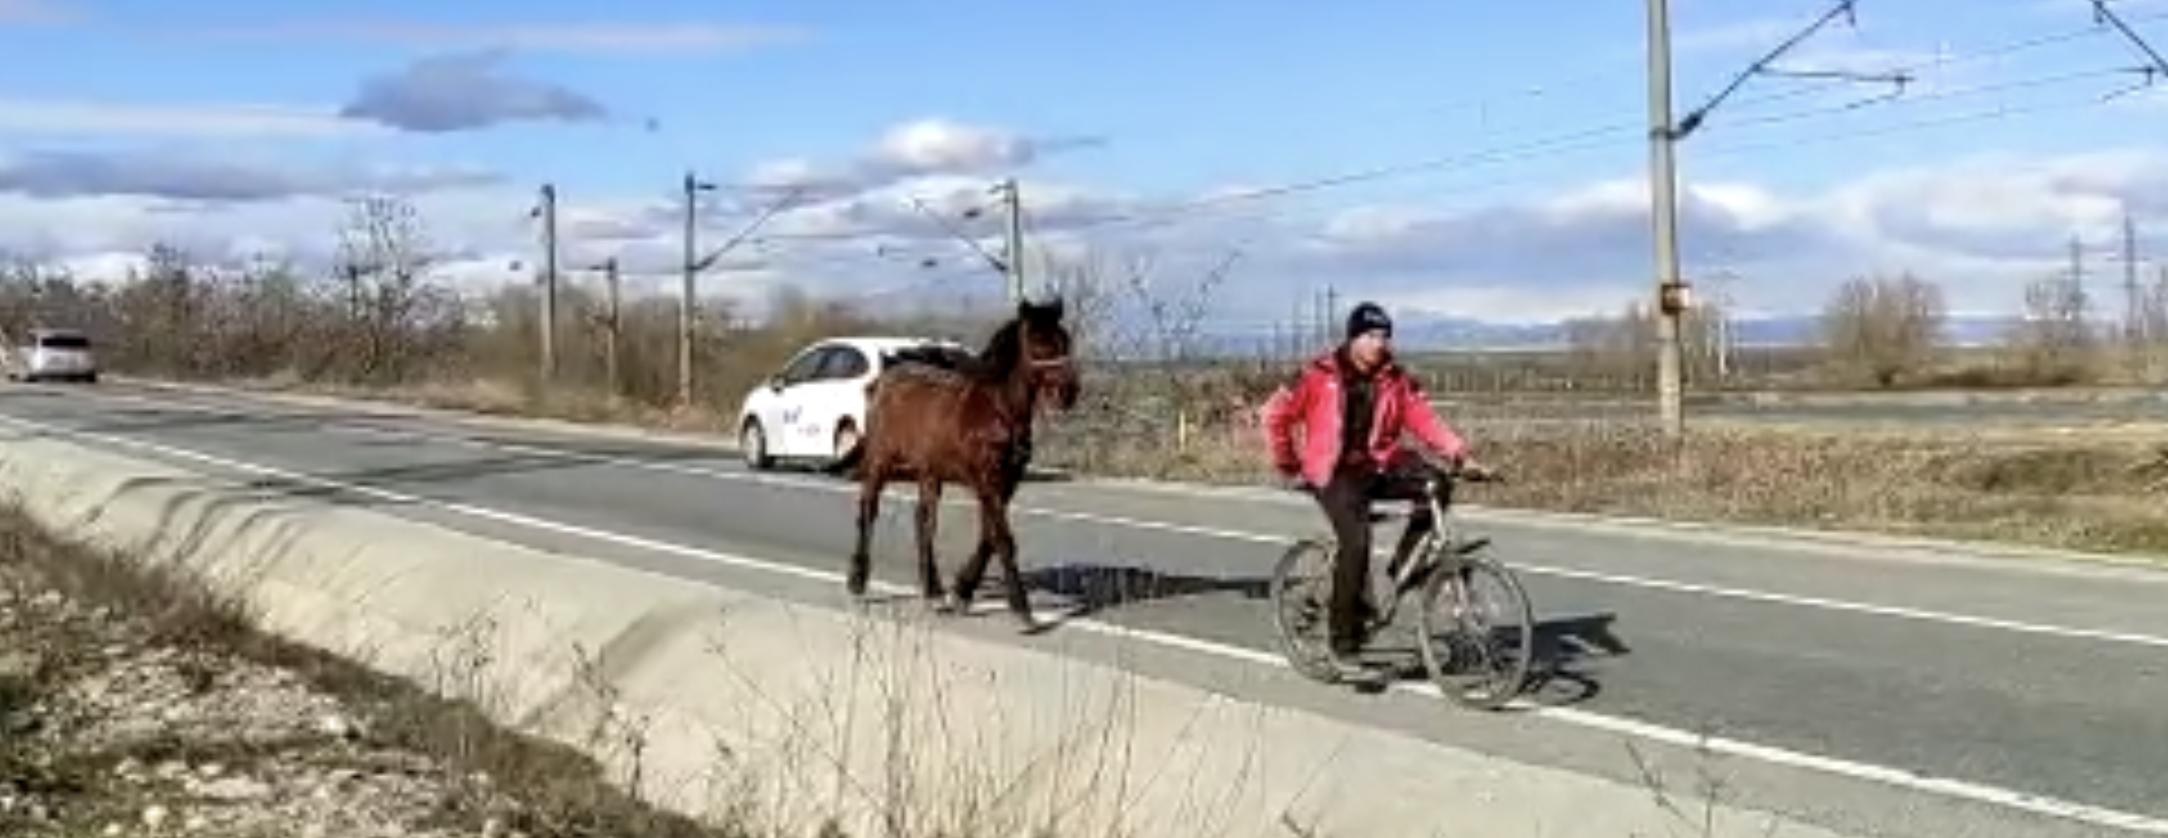 VIDEO. Calul de la bicicletă. Doar o imagine a sărăciei în pandemie, dar numai asta?